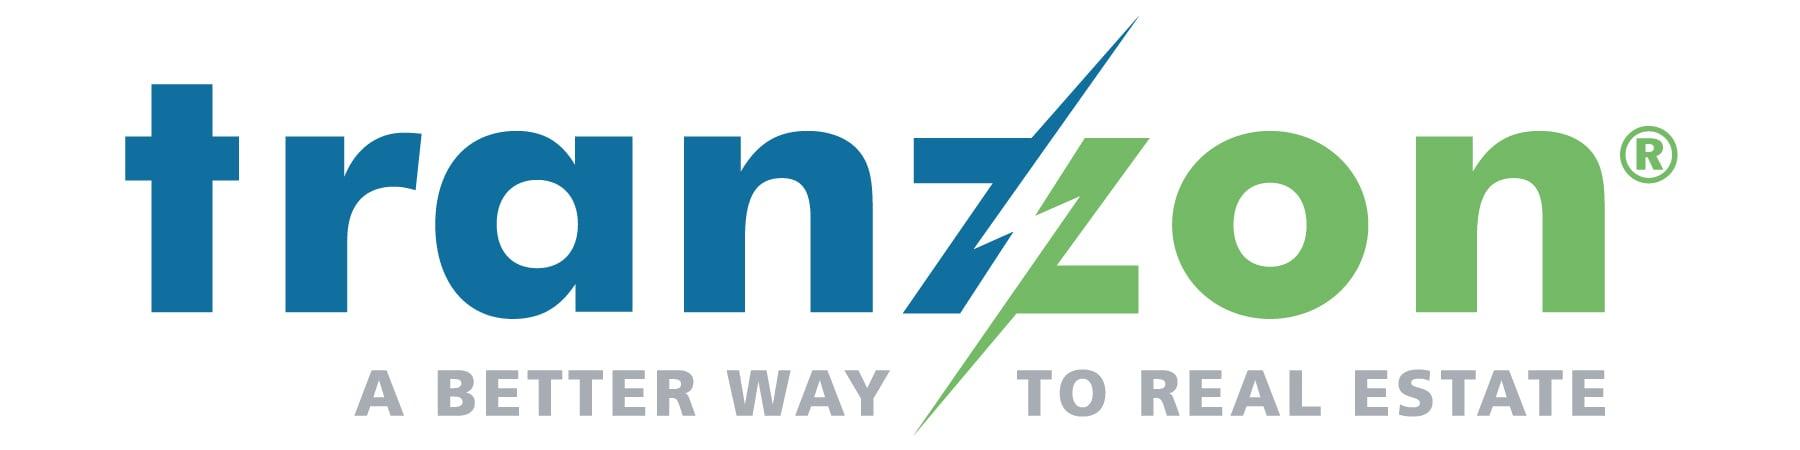 TZ_LogowithTagline-01